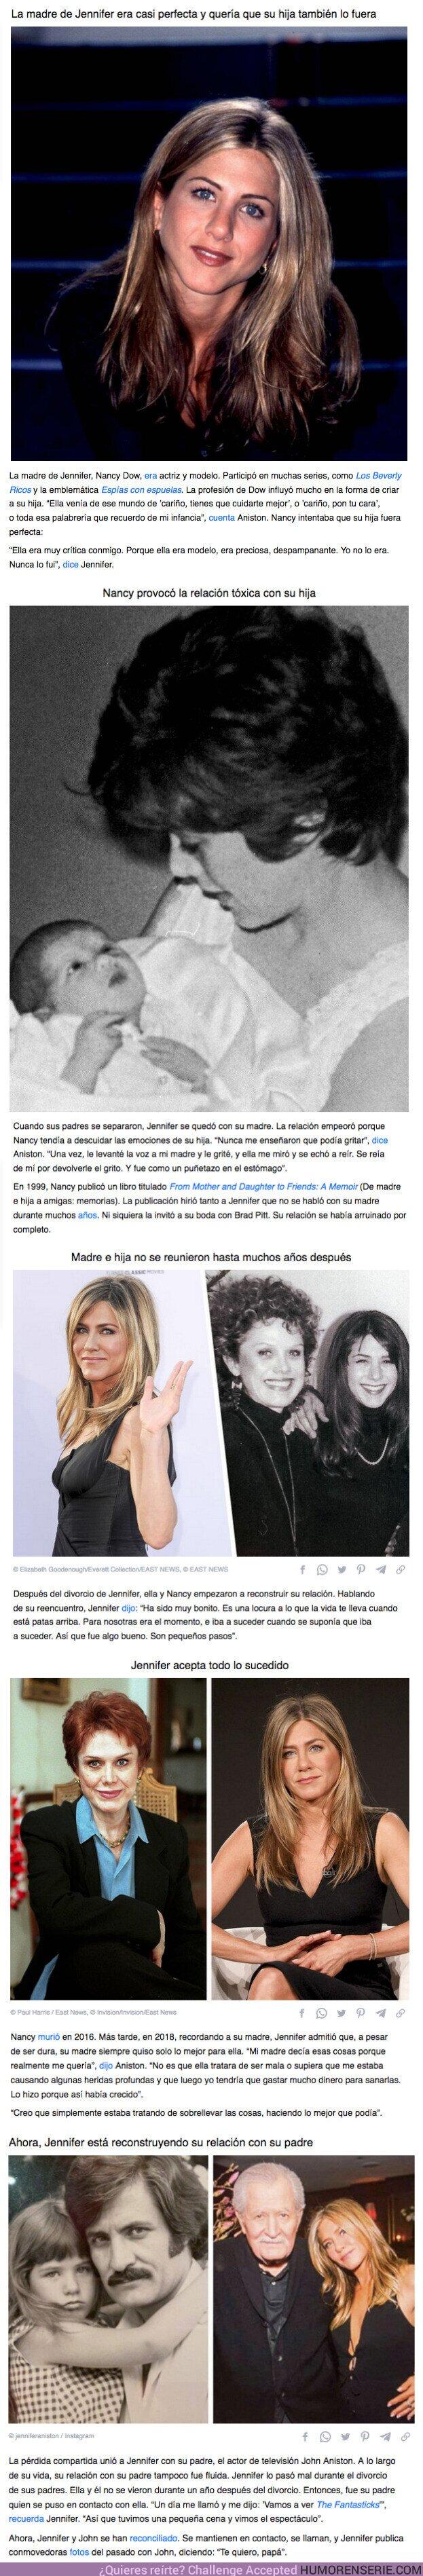 75955 - GALERÍA: Jennifer Aniston habla sobre su relación tóxica con su madre